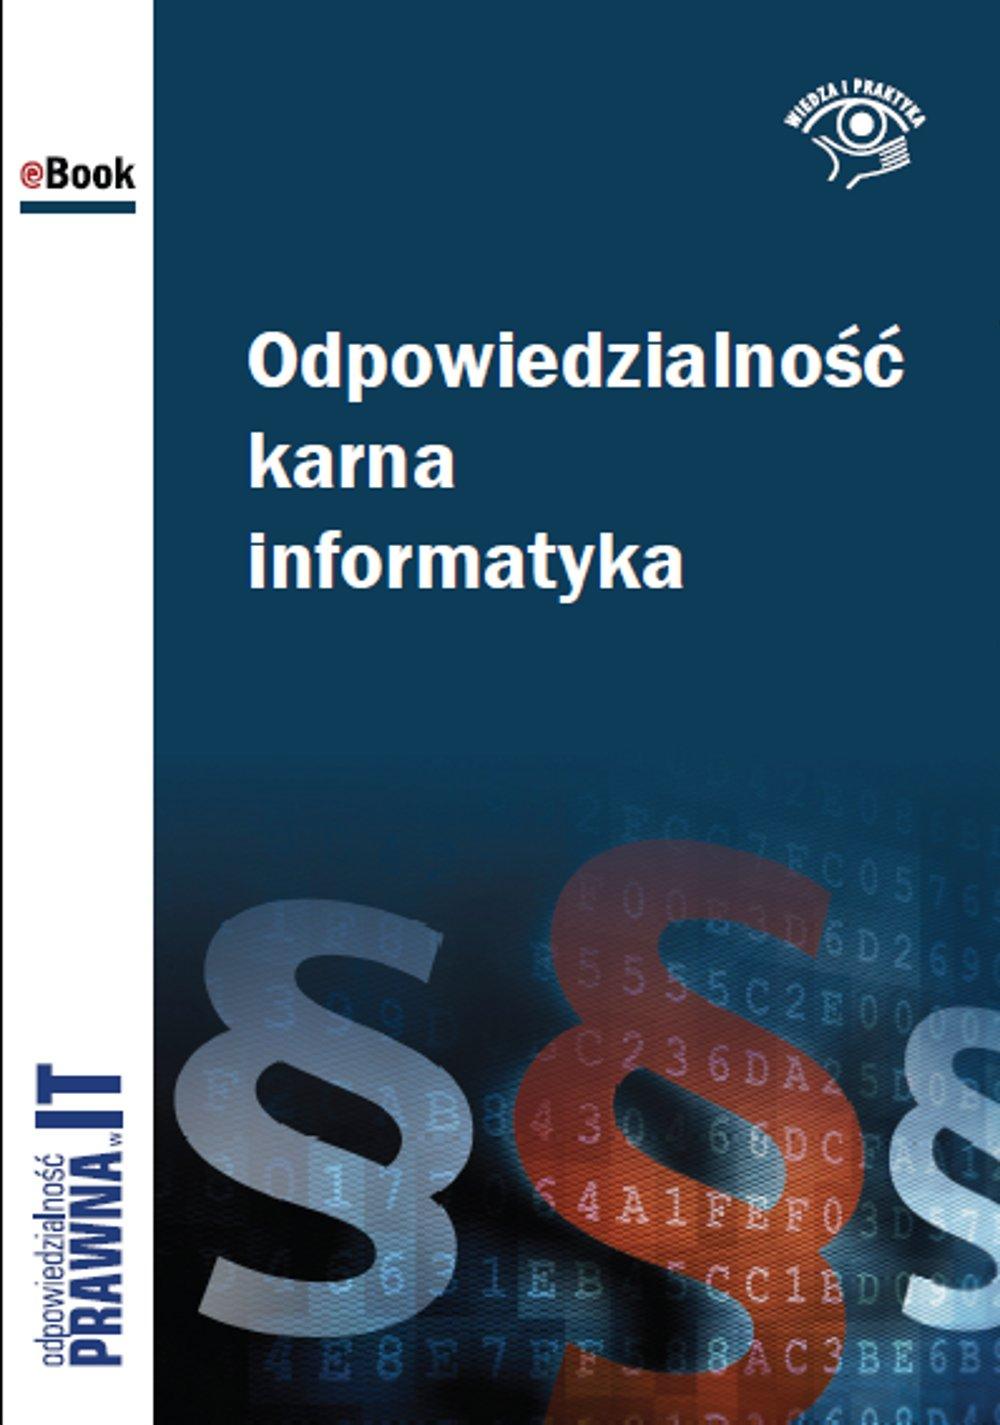 Odpowiedzialność karna informatyka - Ebook (Książka EPUB) do pobrania w formacie EPUB